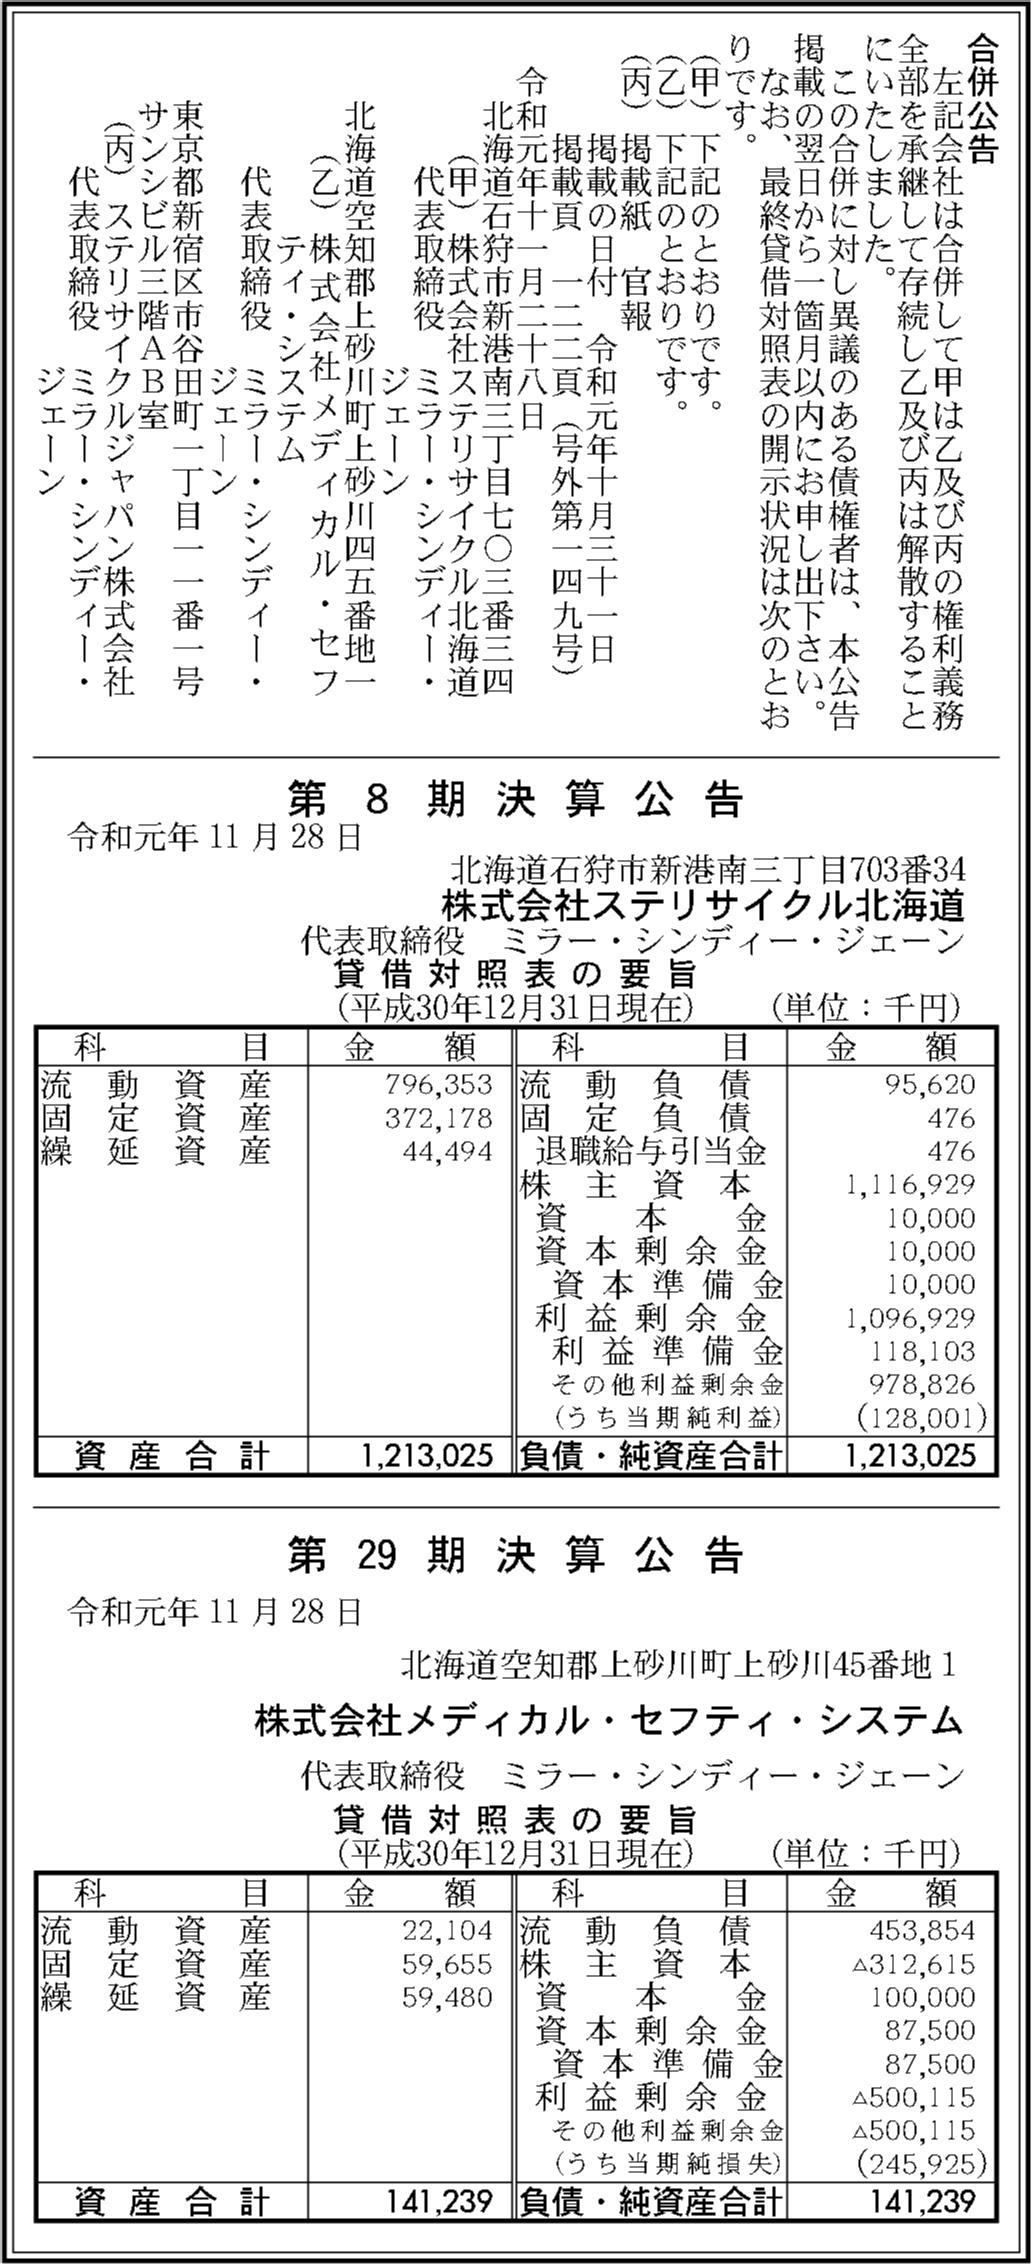 0095 0c95d45d575666389208eaba2df89f722f07e50c49b7cb330ea5b45fe4c9be05543df169192f1937db7e05e20a5118fcaffe3a8b8db91cb64fad99b4dd584128 03